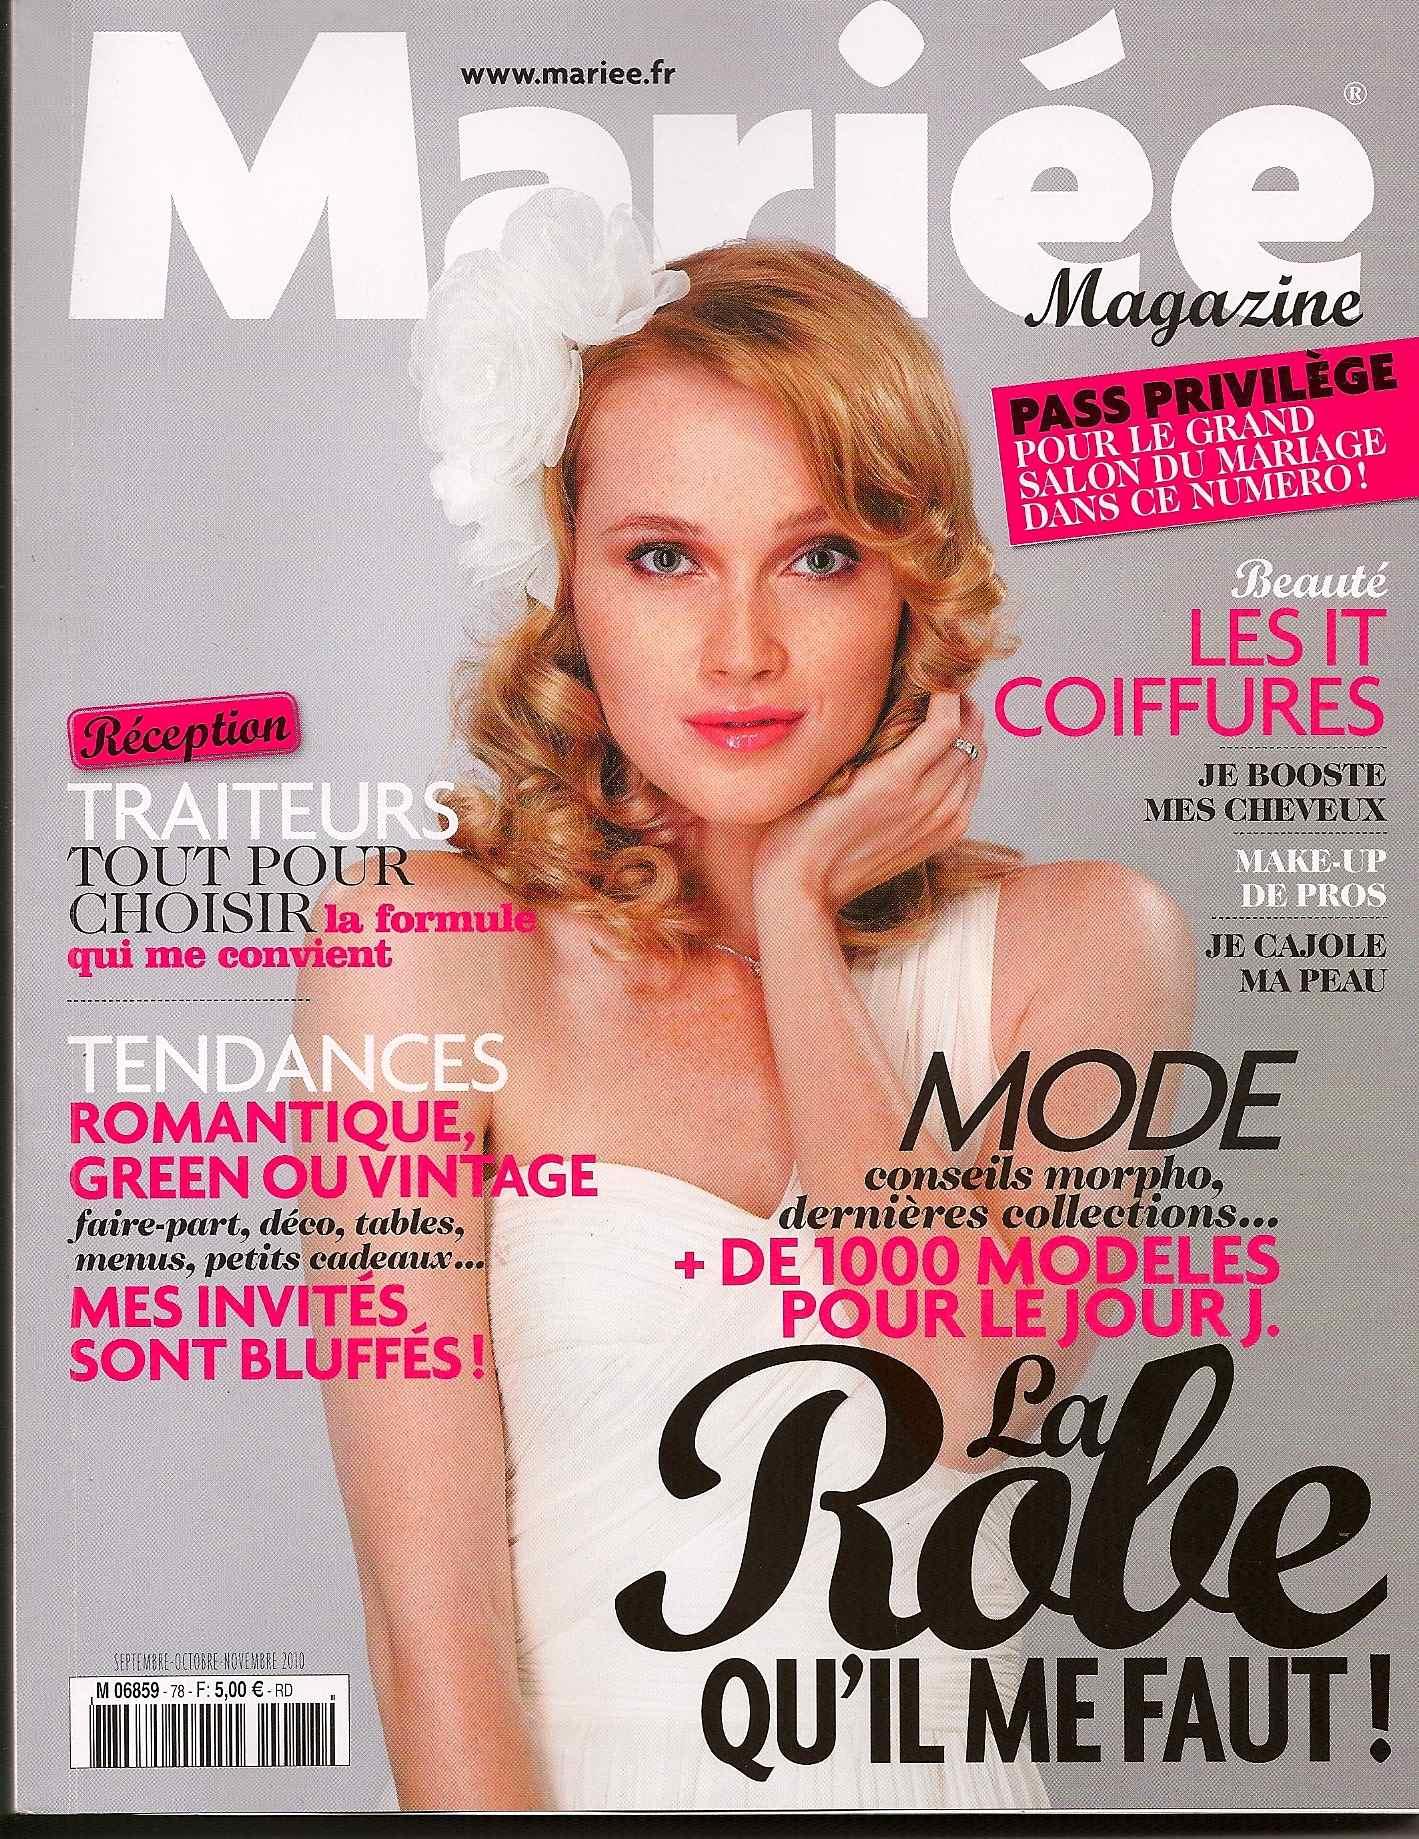 Dans Mariée Magazine